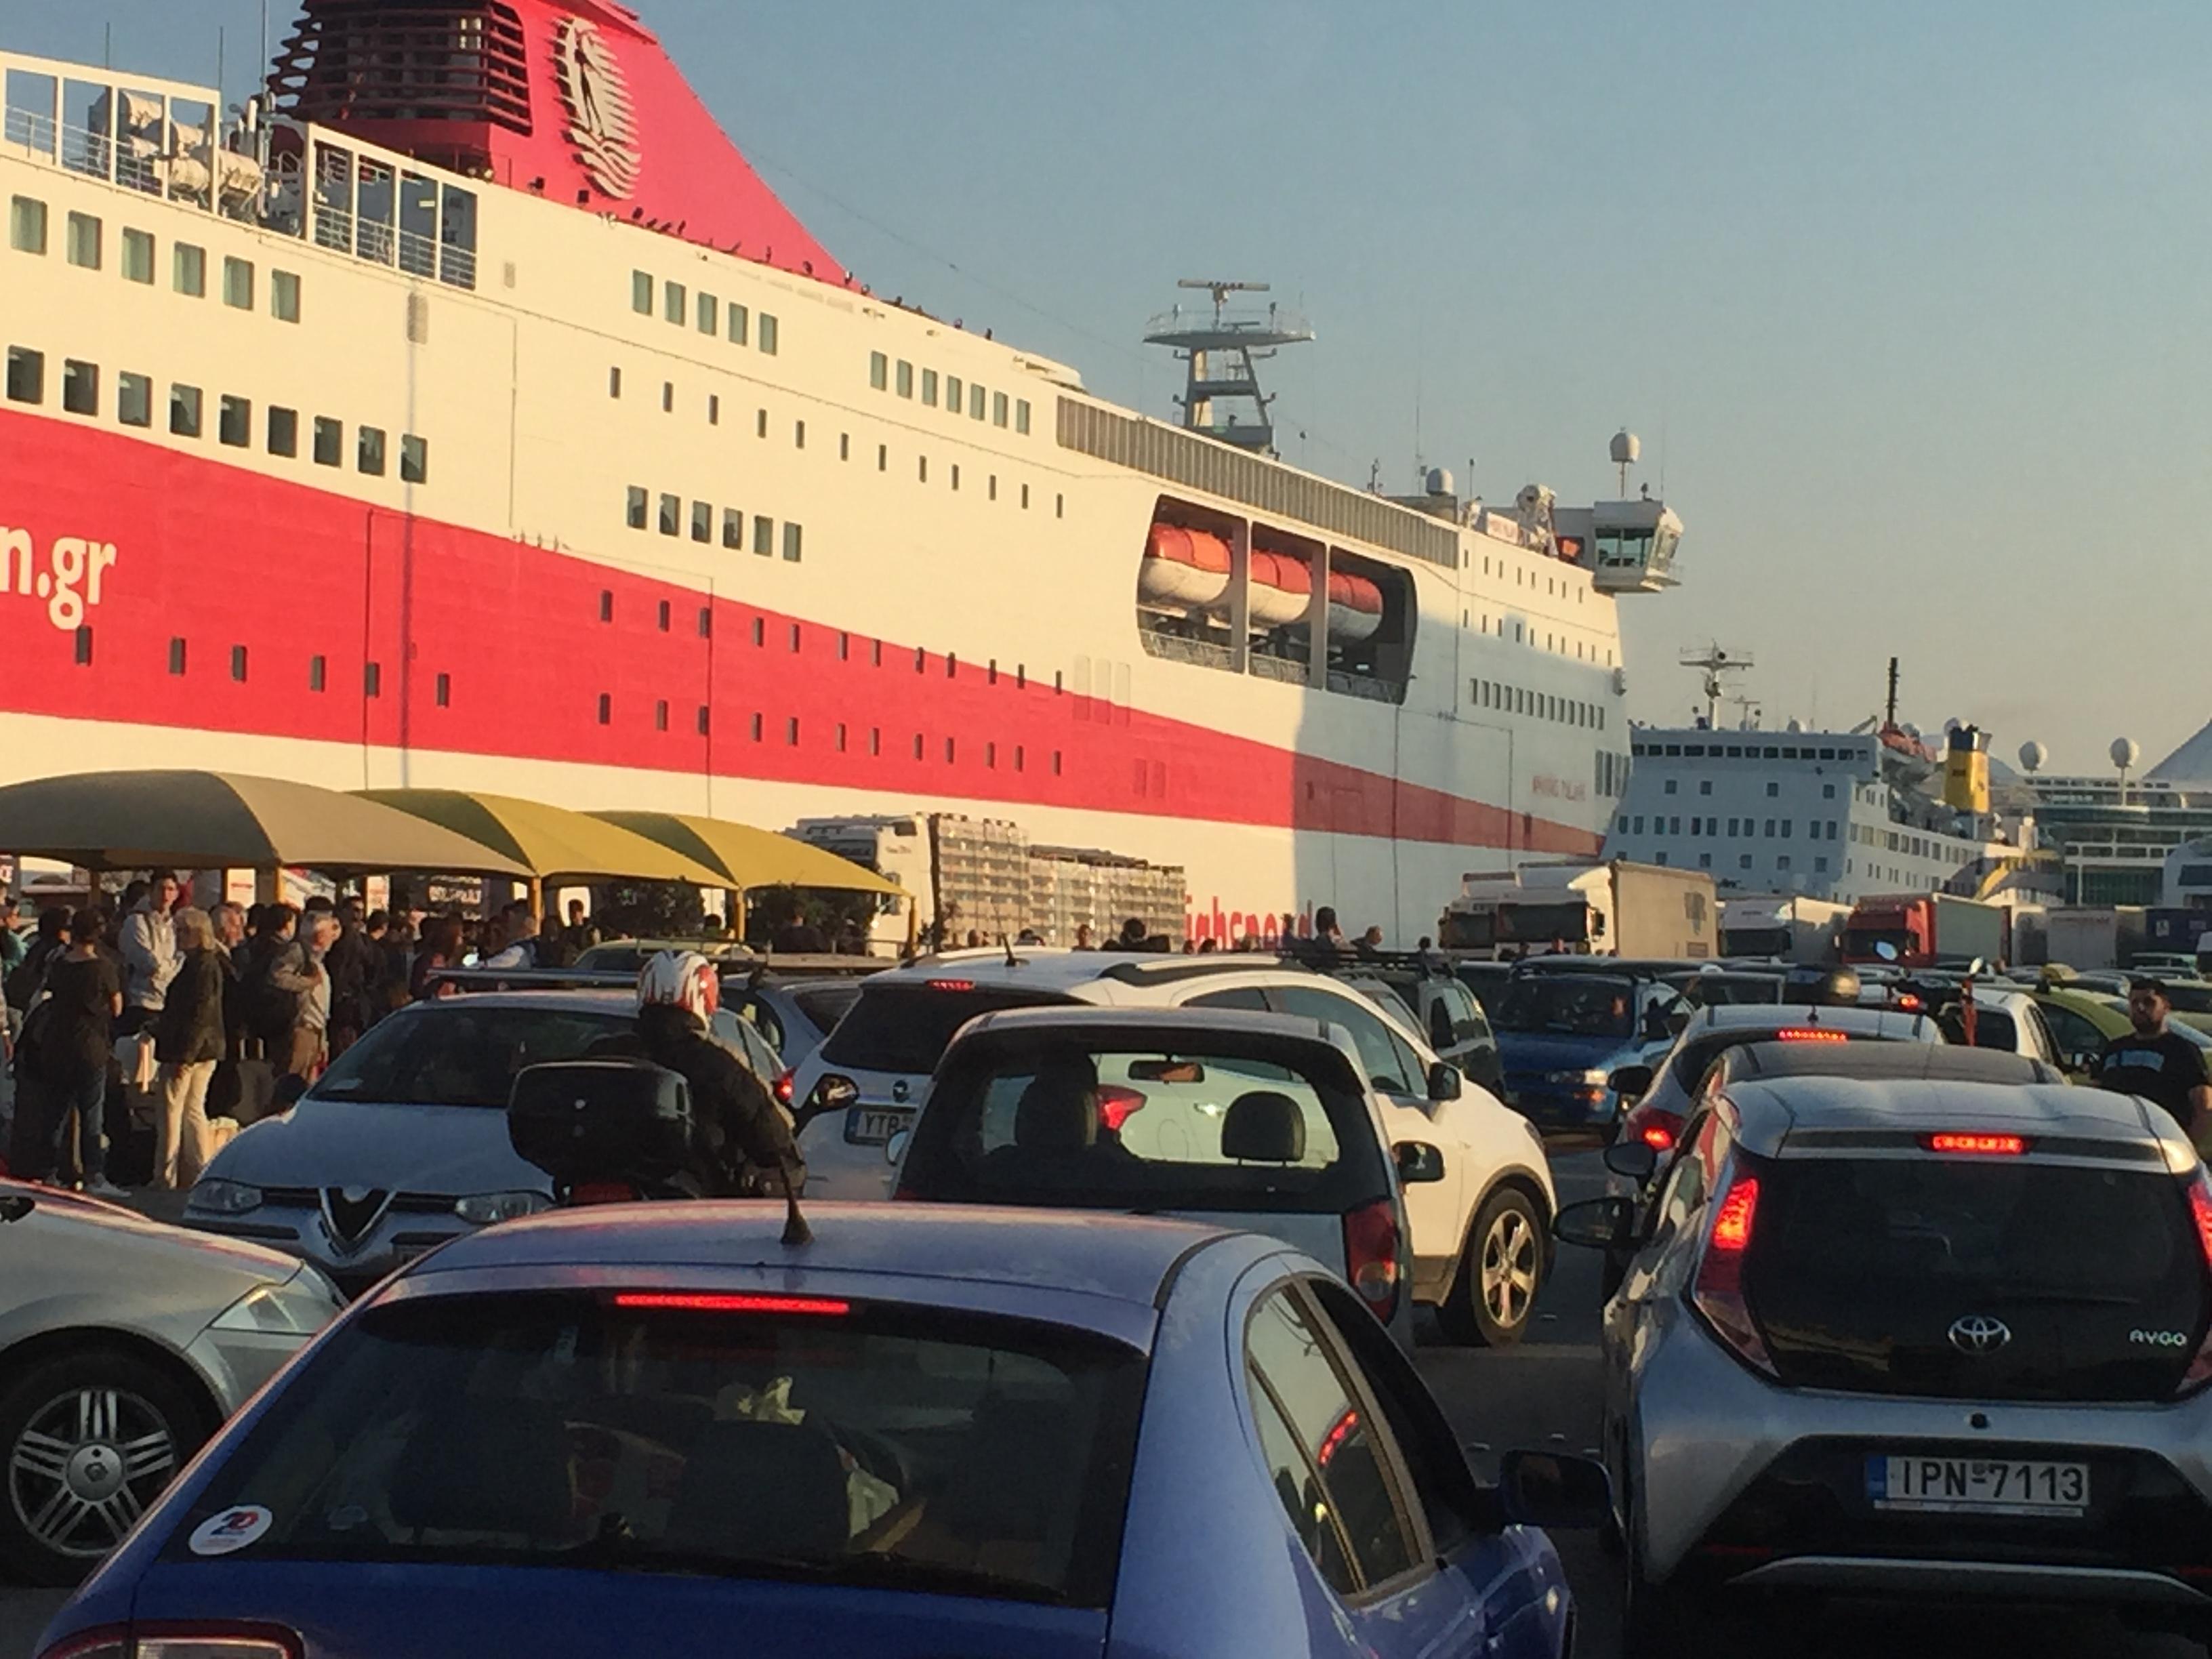 Πρώτο μεγάλο «κύμα» φυγής σε λιμάνια και αεροδρόμια! Και την Κρήτη επιλέγουν οι αδειούχοι.